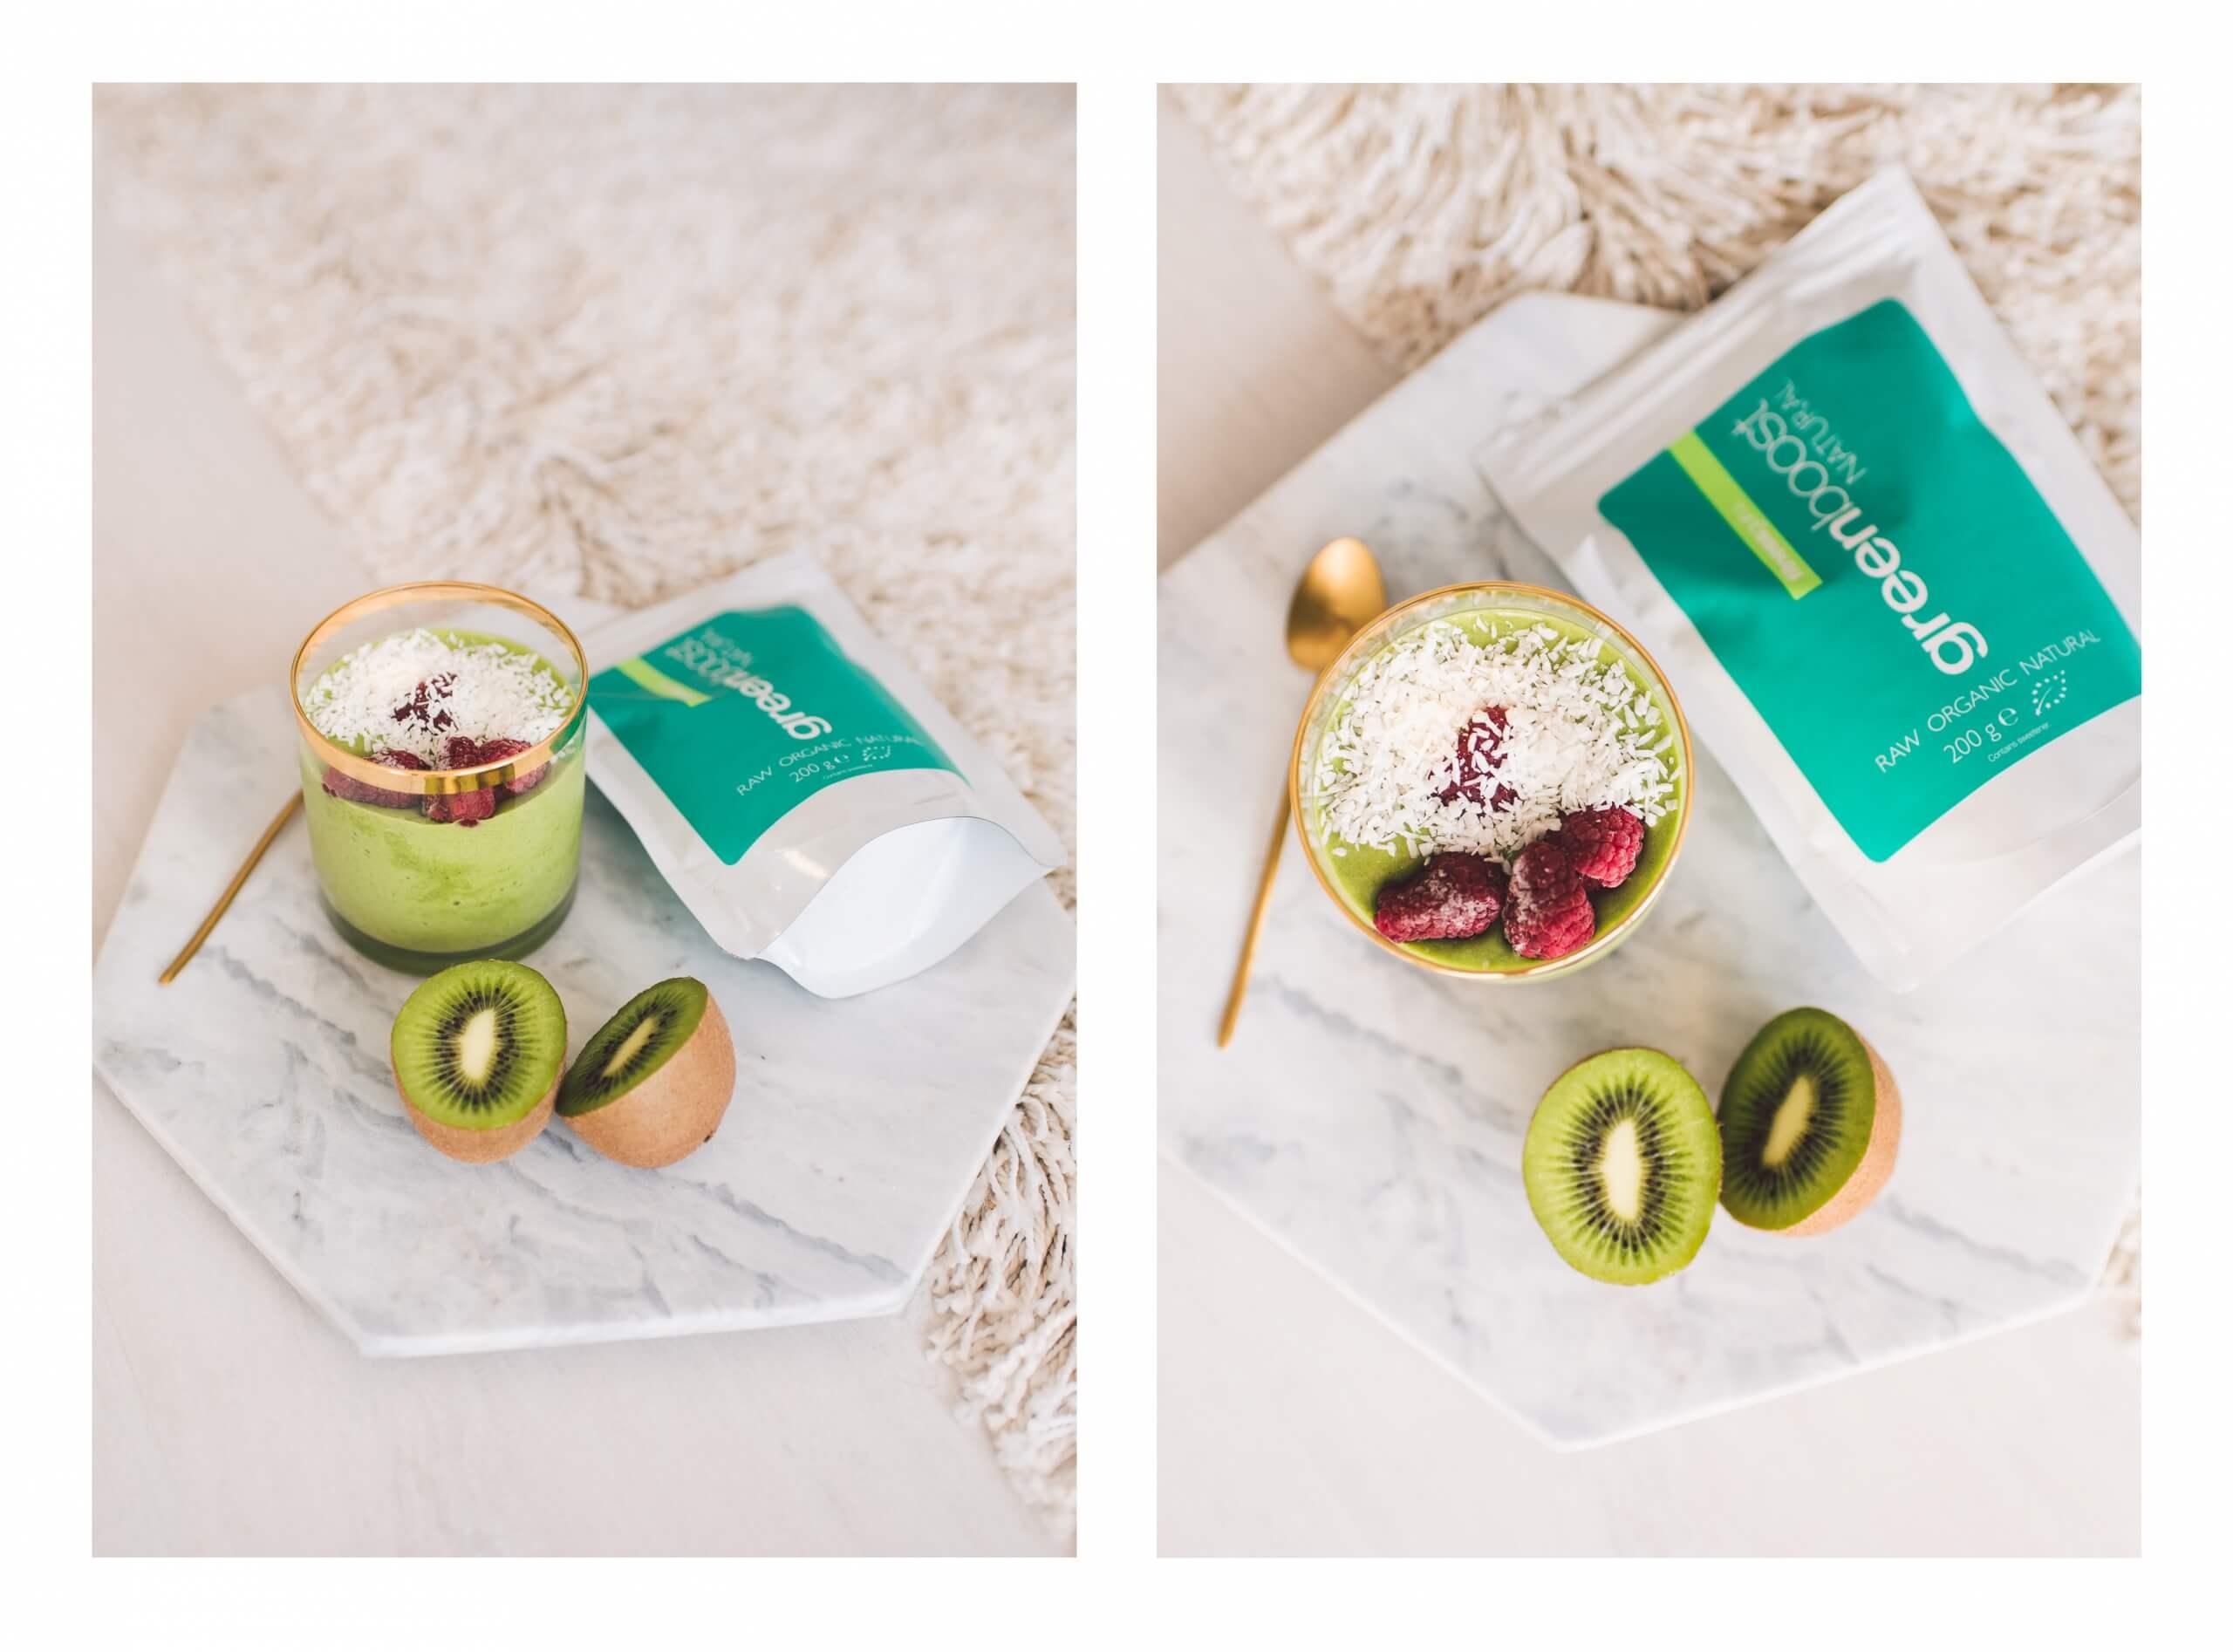 janni-deler-green-breakfastDSC_2662 copy